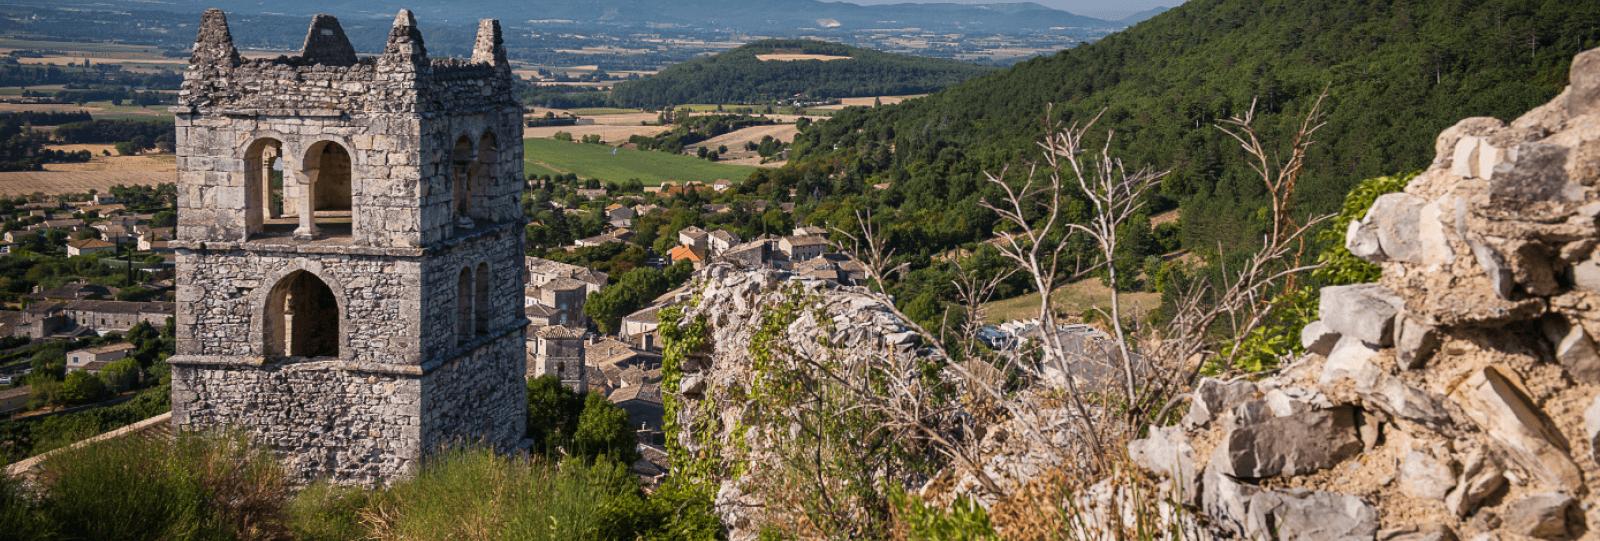 'Journée Émotions' : Explorez Montélimar et ses villages perchés